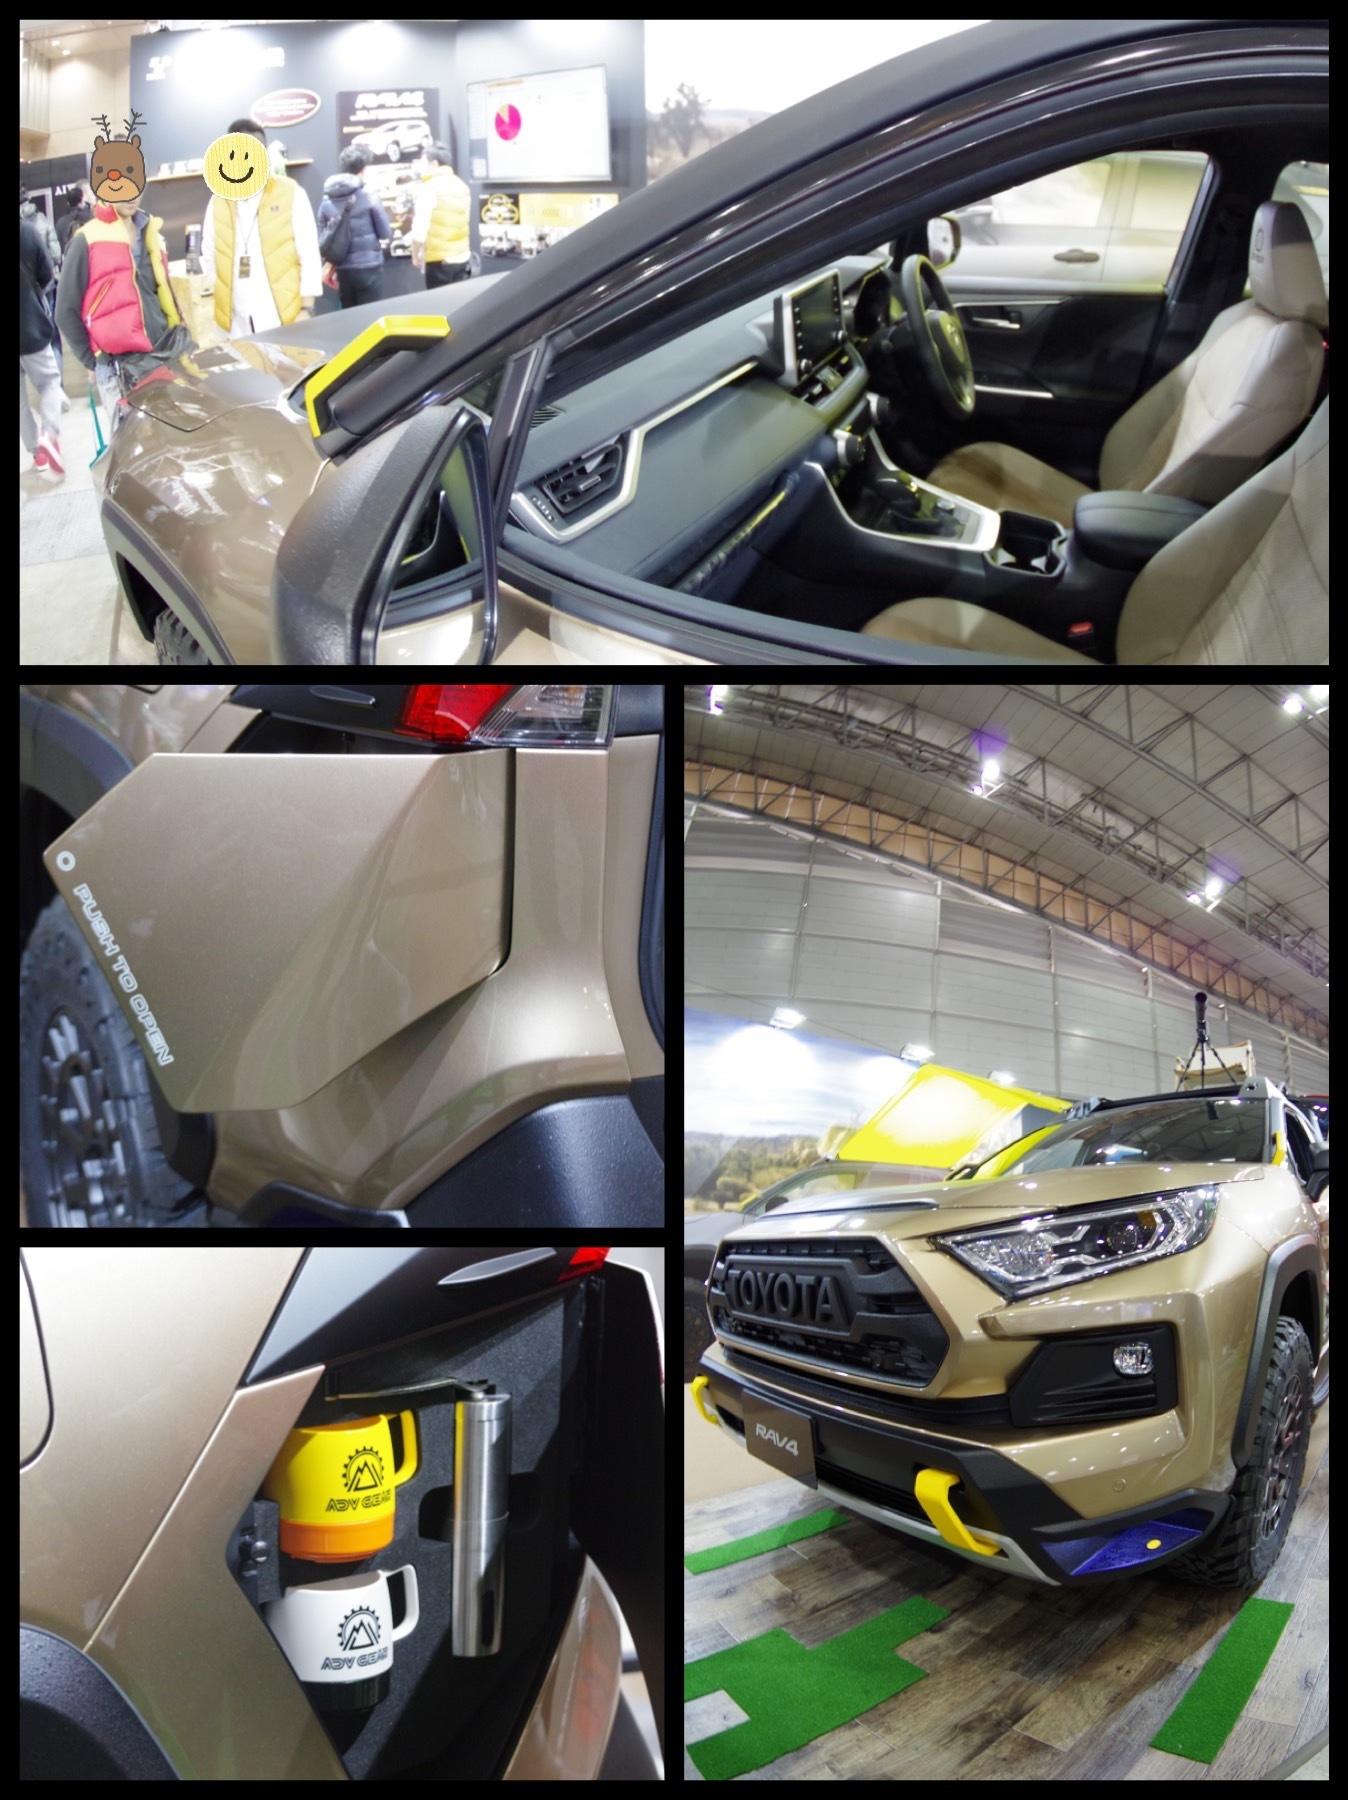 RAV4アドベンチャーギア 豊田織機カスタムカー東京オートサロン2020